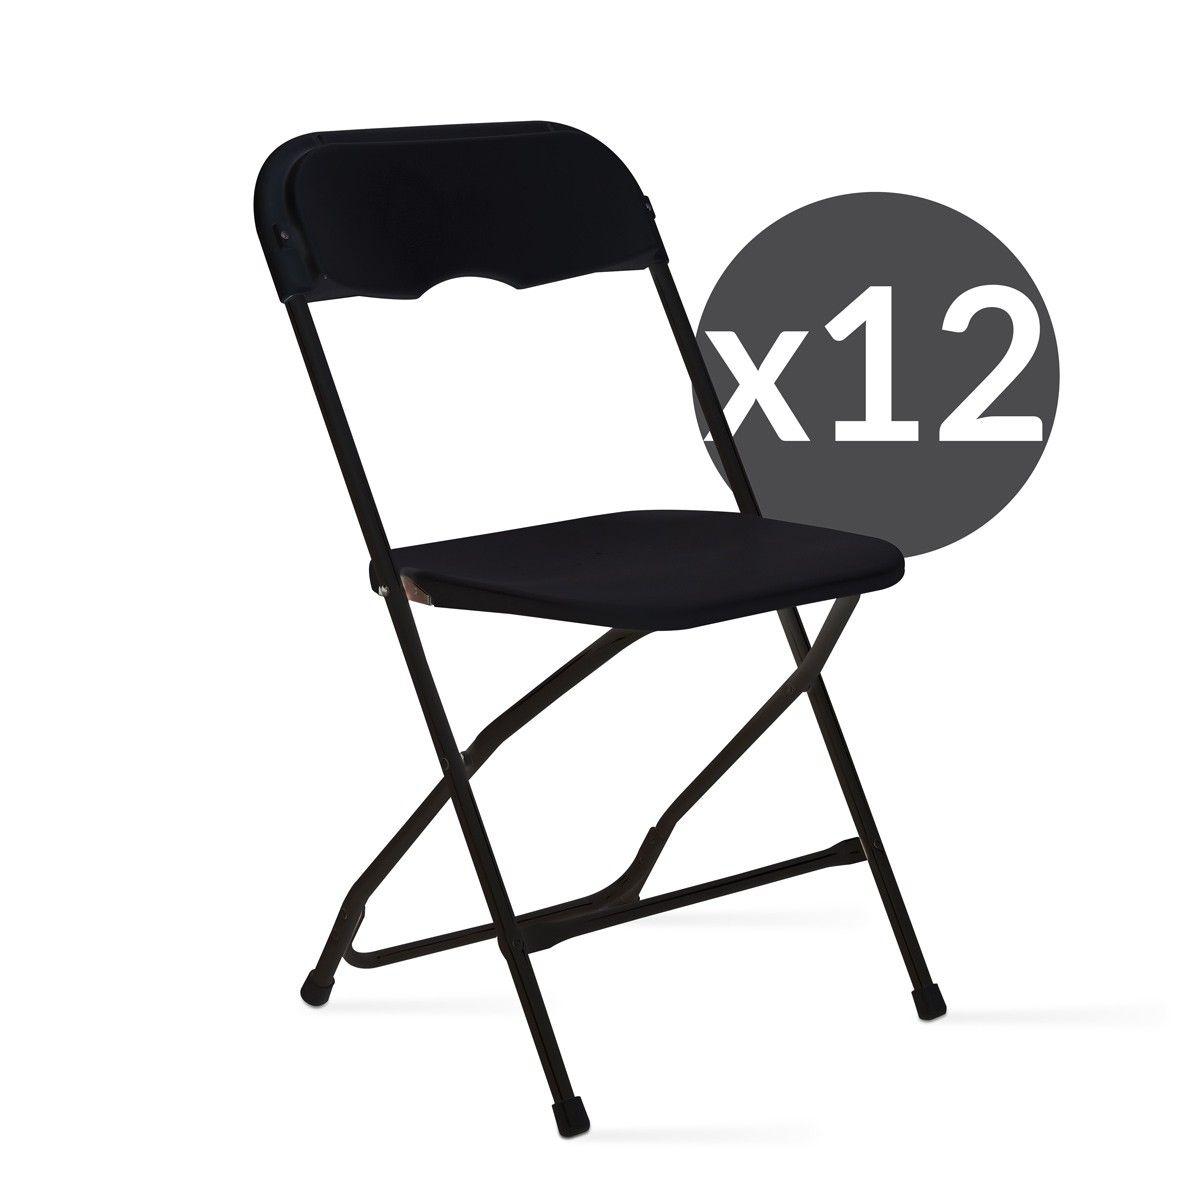 Ensemble De 12 Chaises Pliantes Noires Reception Jardin Taille